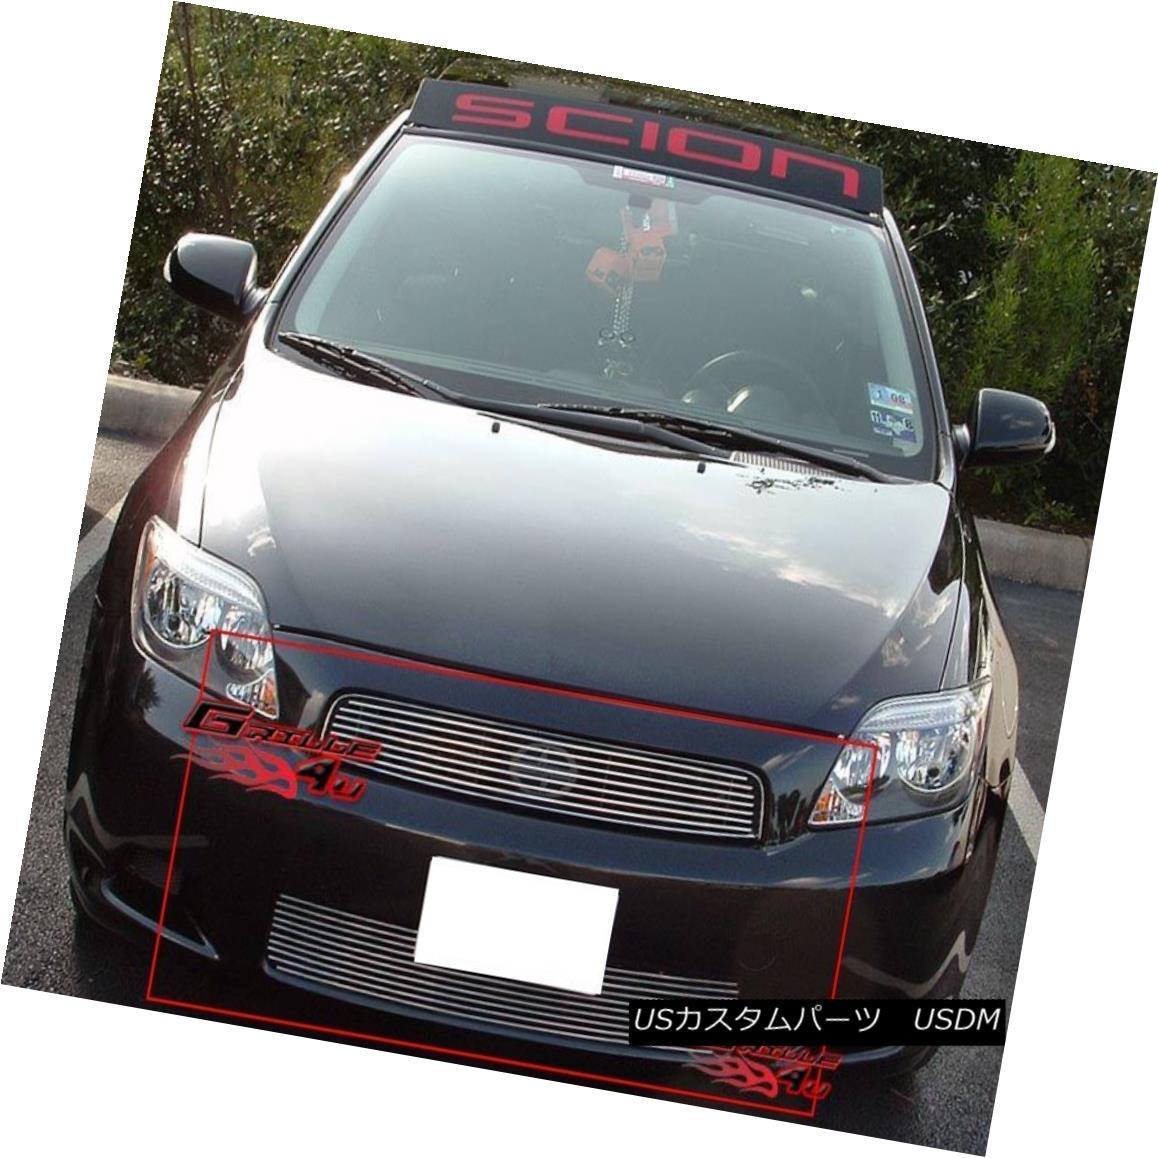 グリル For 2005-2010 Scion TC Billet Grille Grill Combo Insert 2005-2010シオンTCビレットグリルグリルコンボインサート用